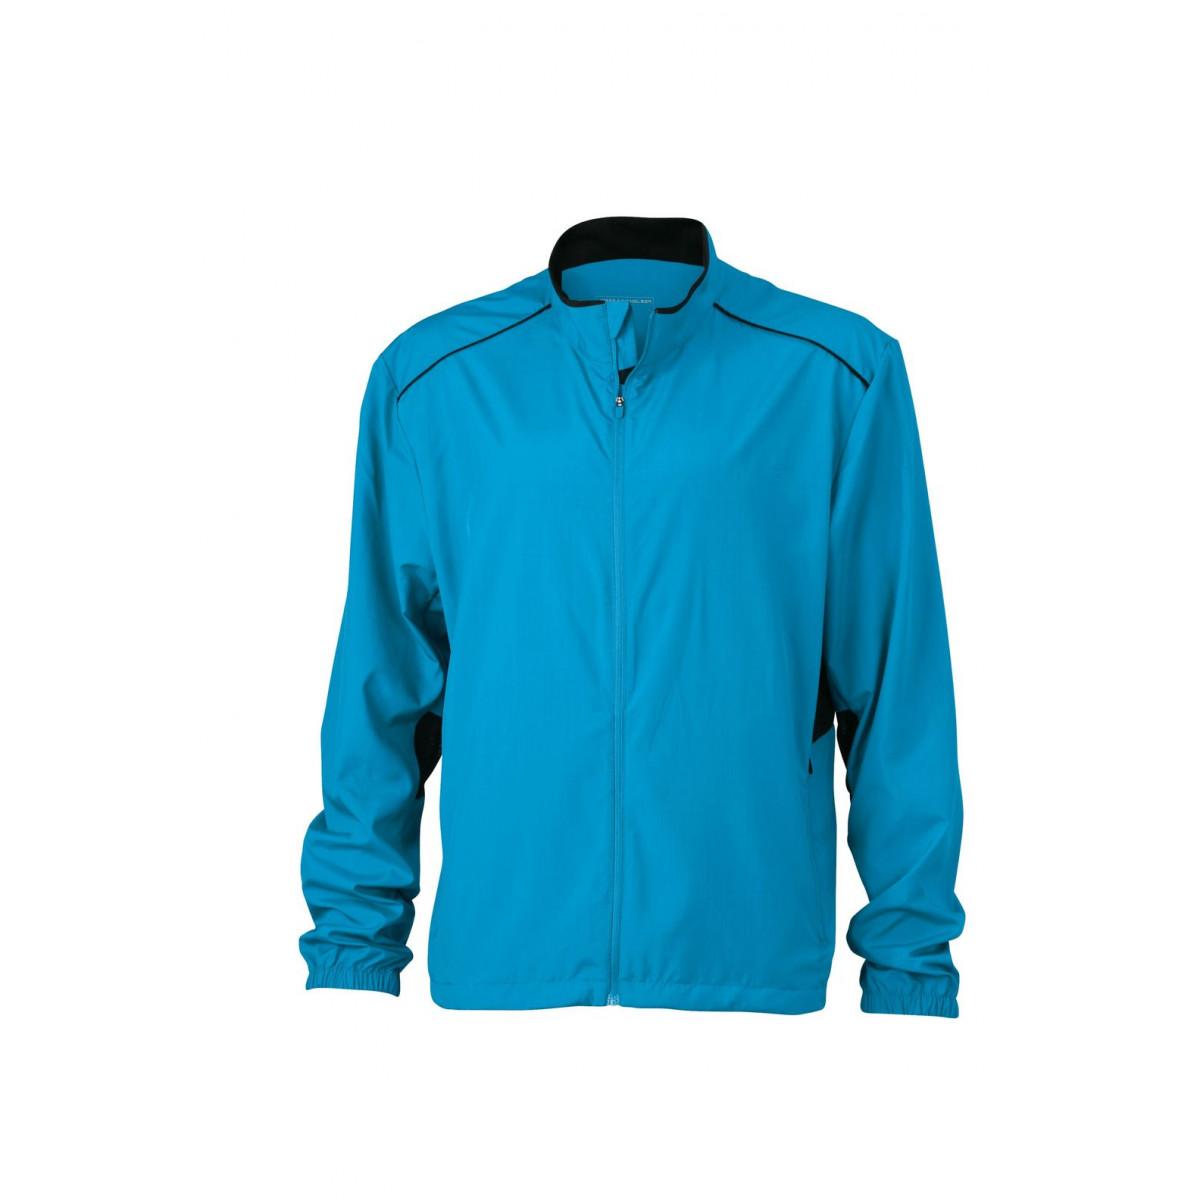 Куртка мужская JN476 Mens Performance Jacket - Ярко-синий/Черный